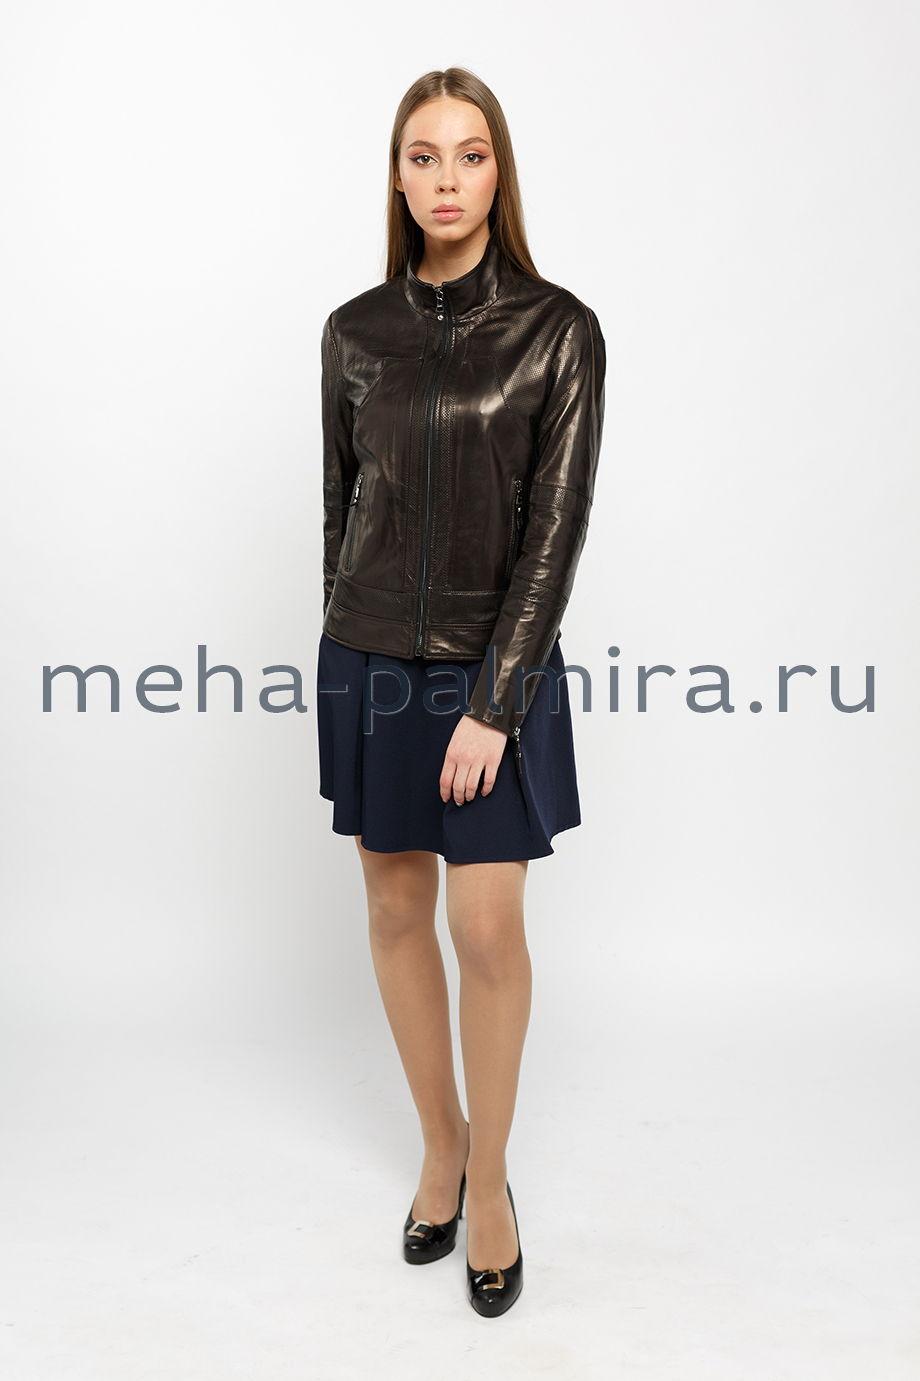 Женская куртка из перфорированной кожи